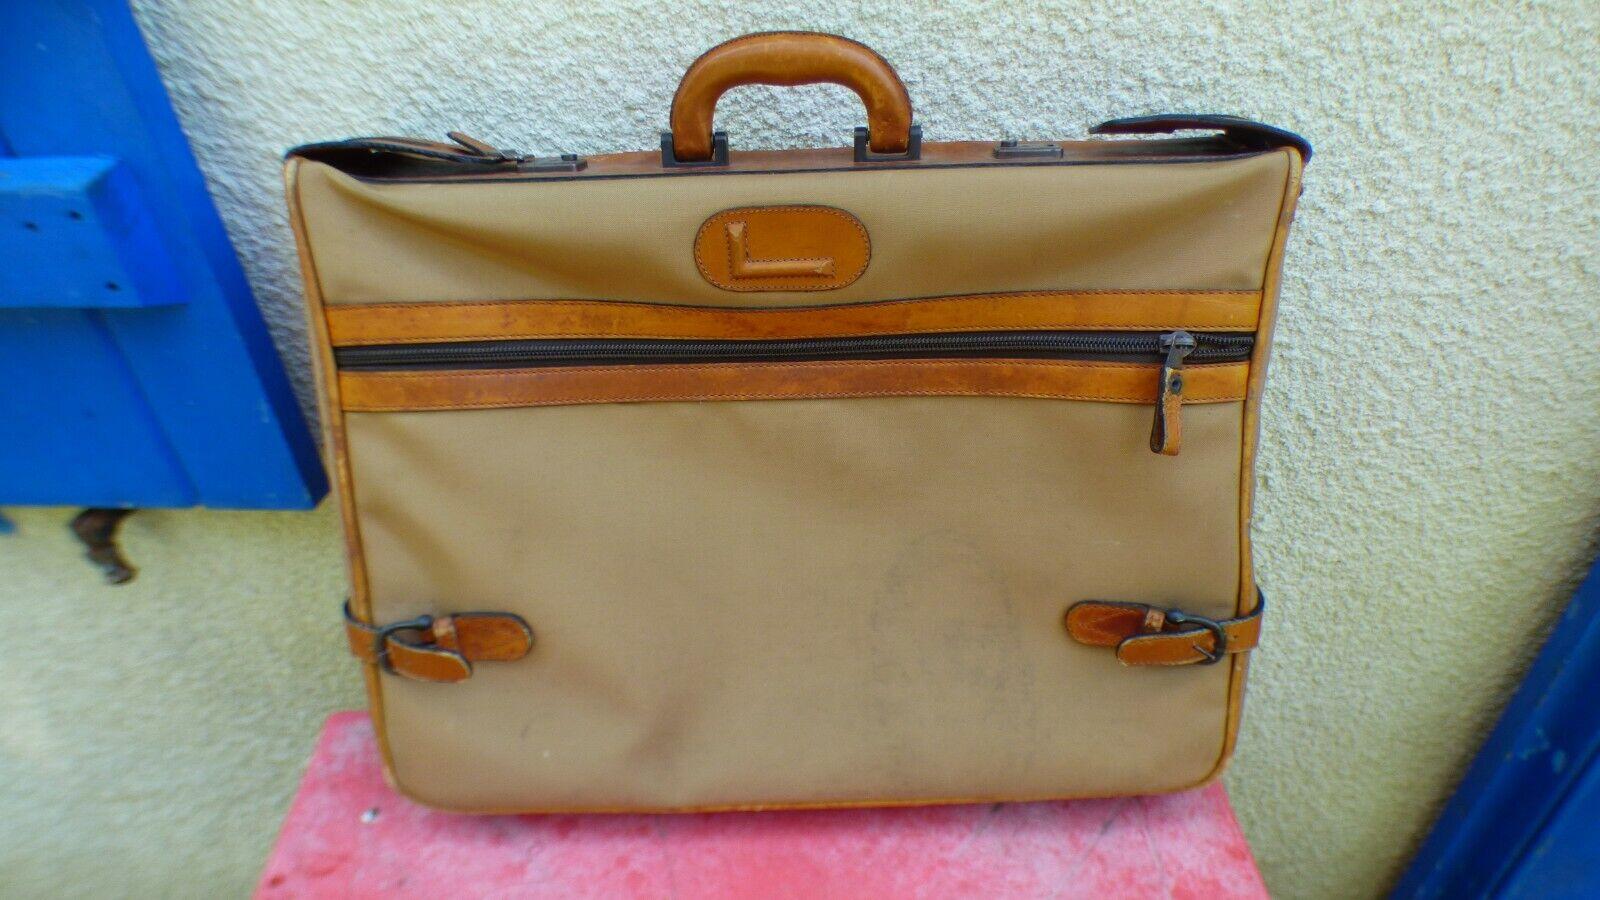 Valise vintage Lancel en toile et cuir rare avec clé